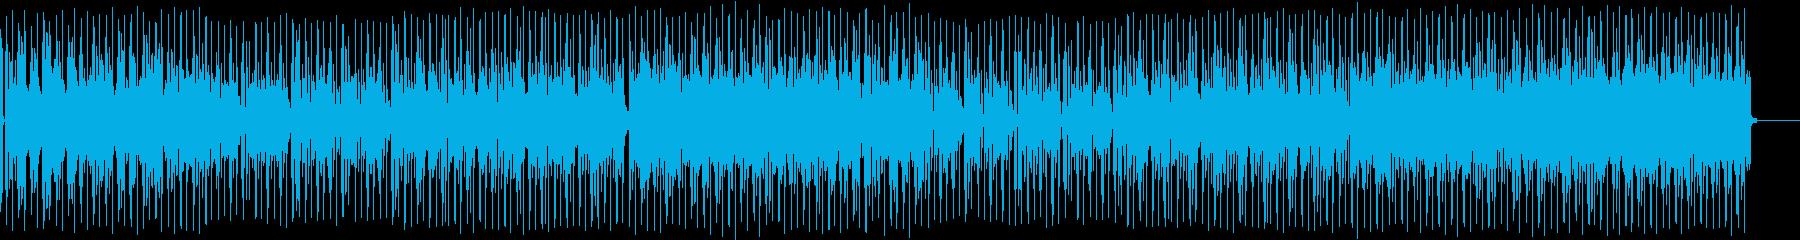 しっとりしたノリの良いバラードBGMの再生済みの波形